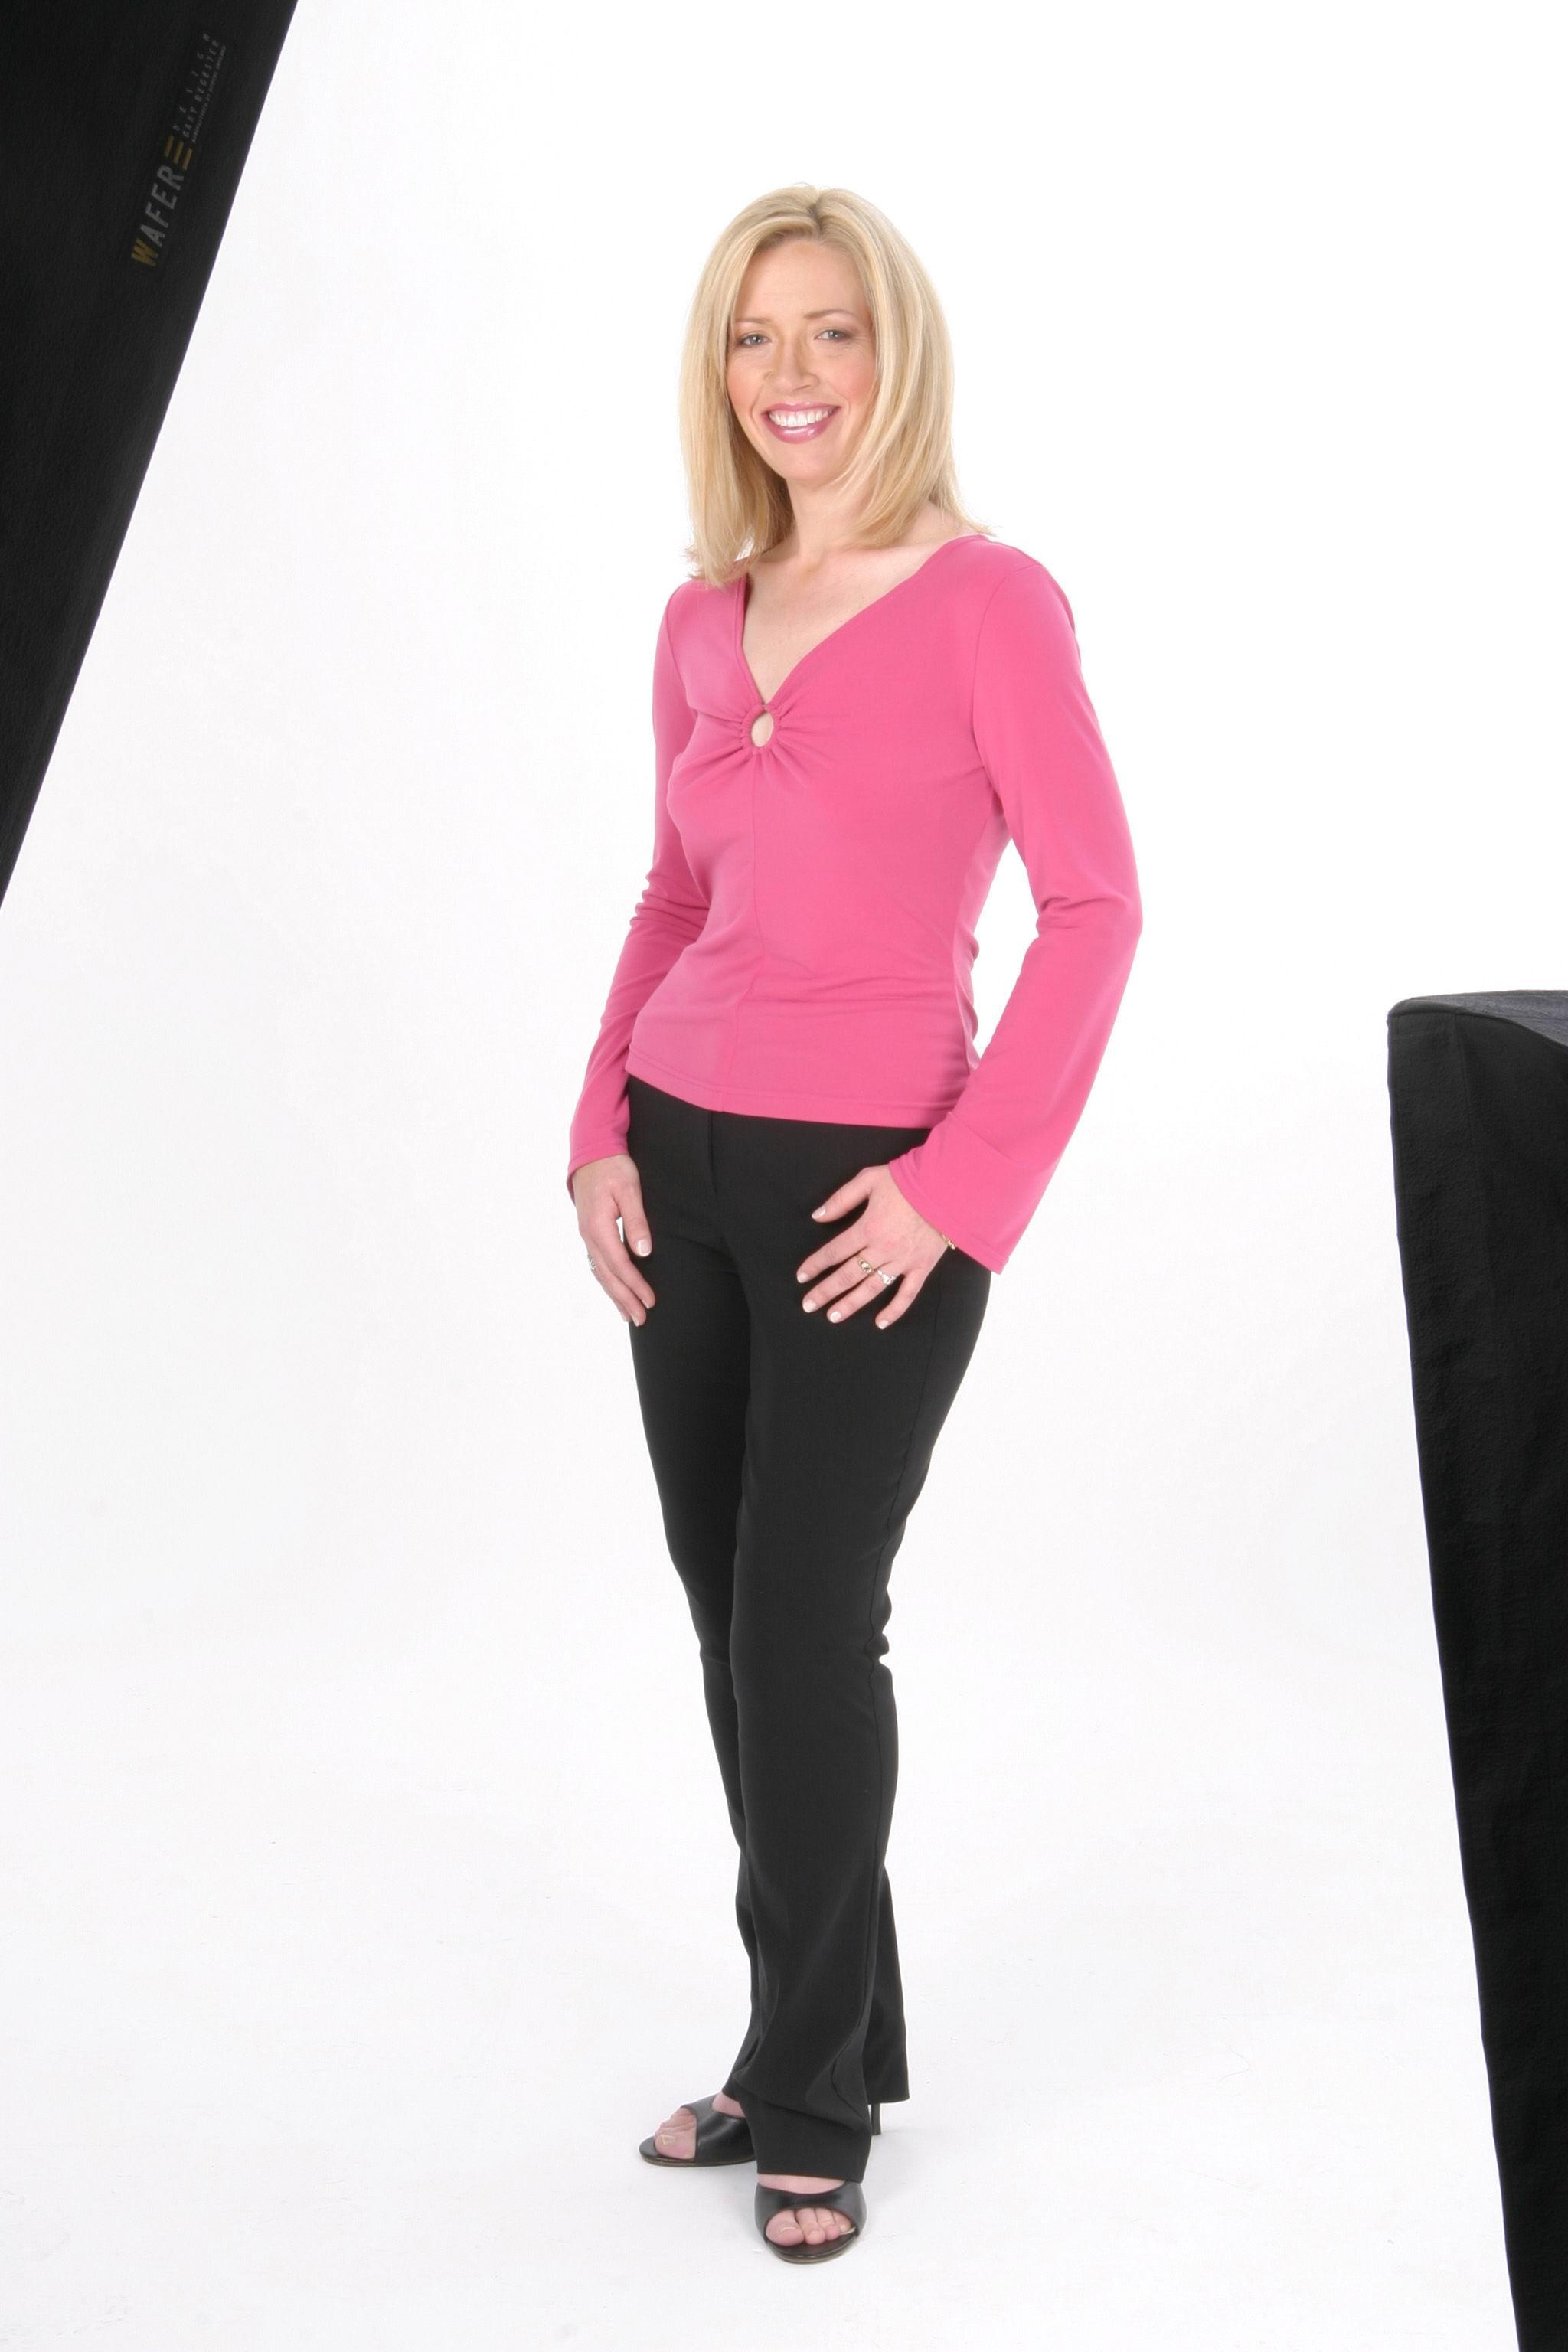 Sam hot pink shirt